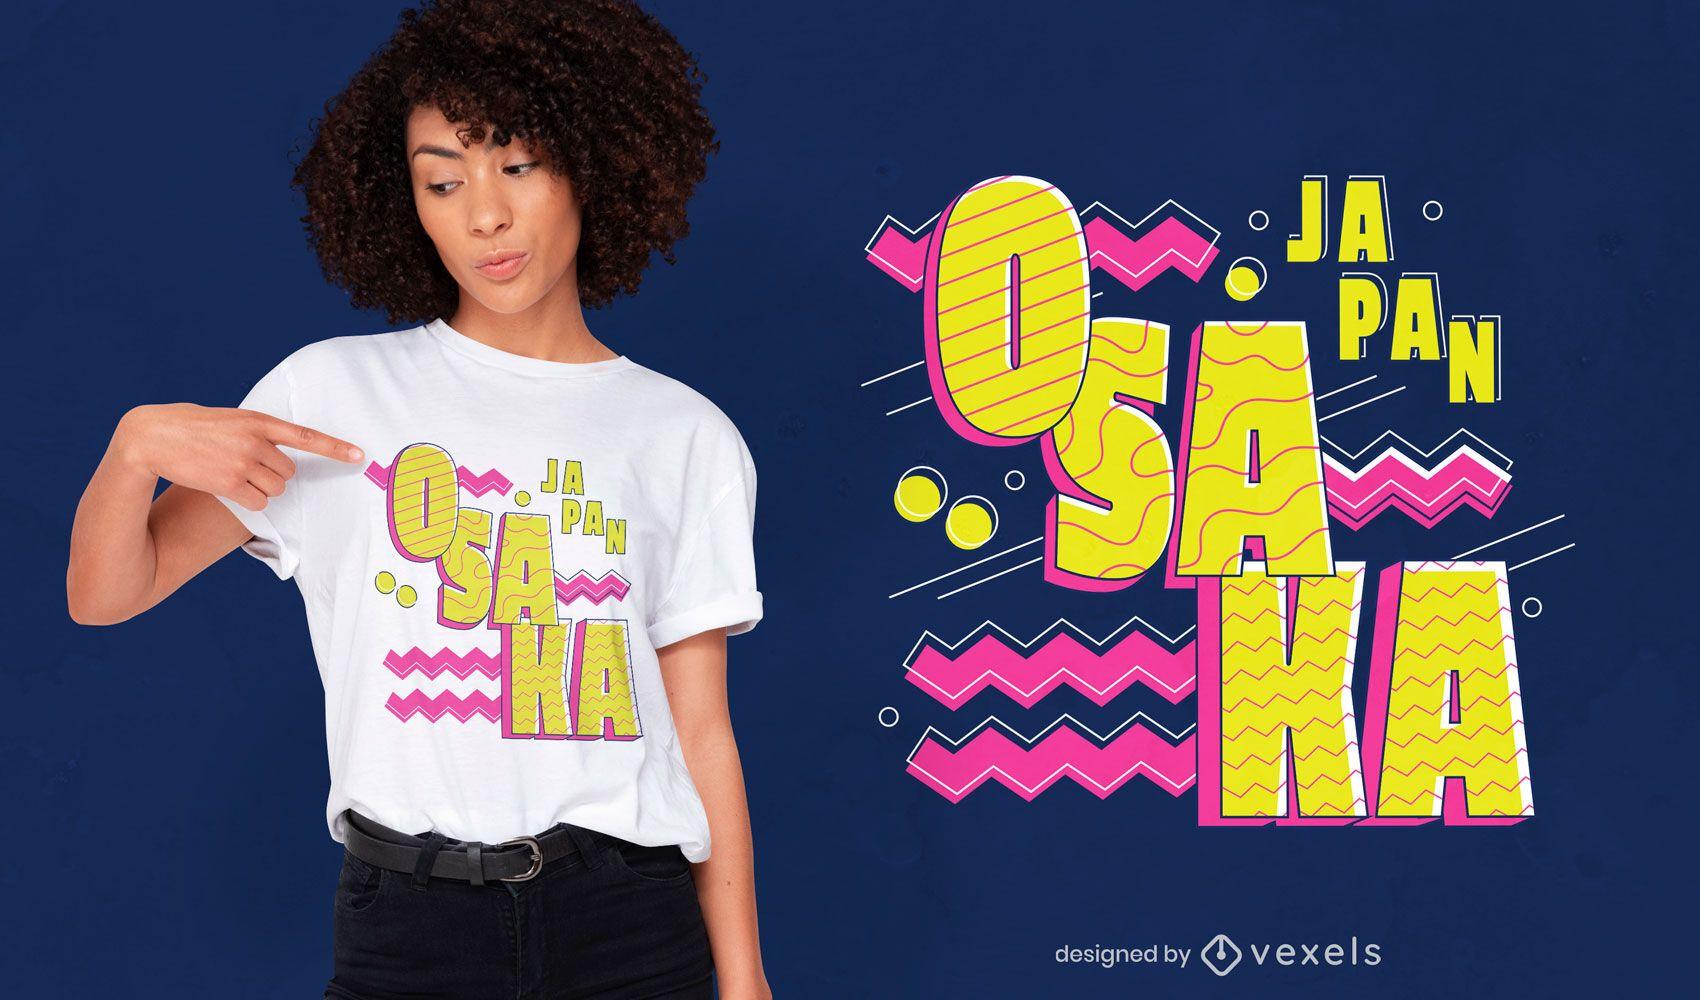 Dise?o de camiseta con letras de Osaka Jap?n